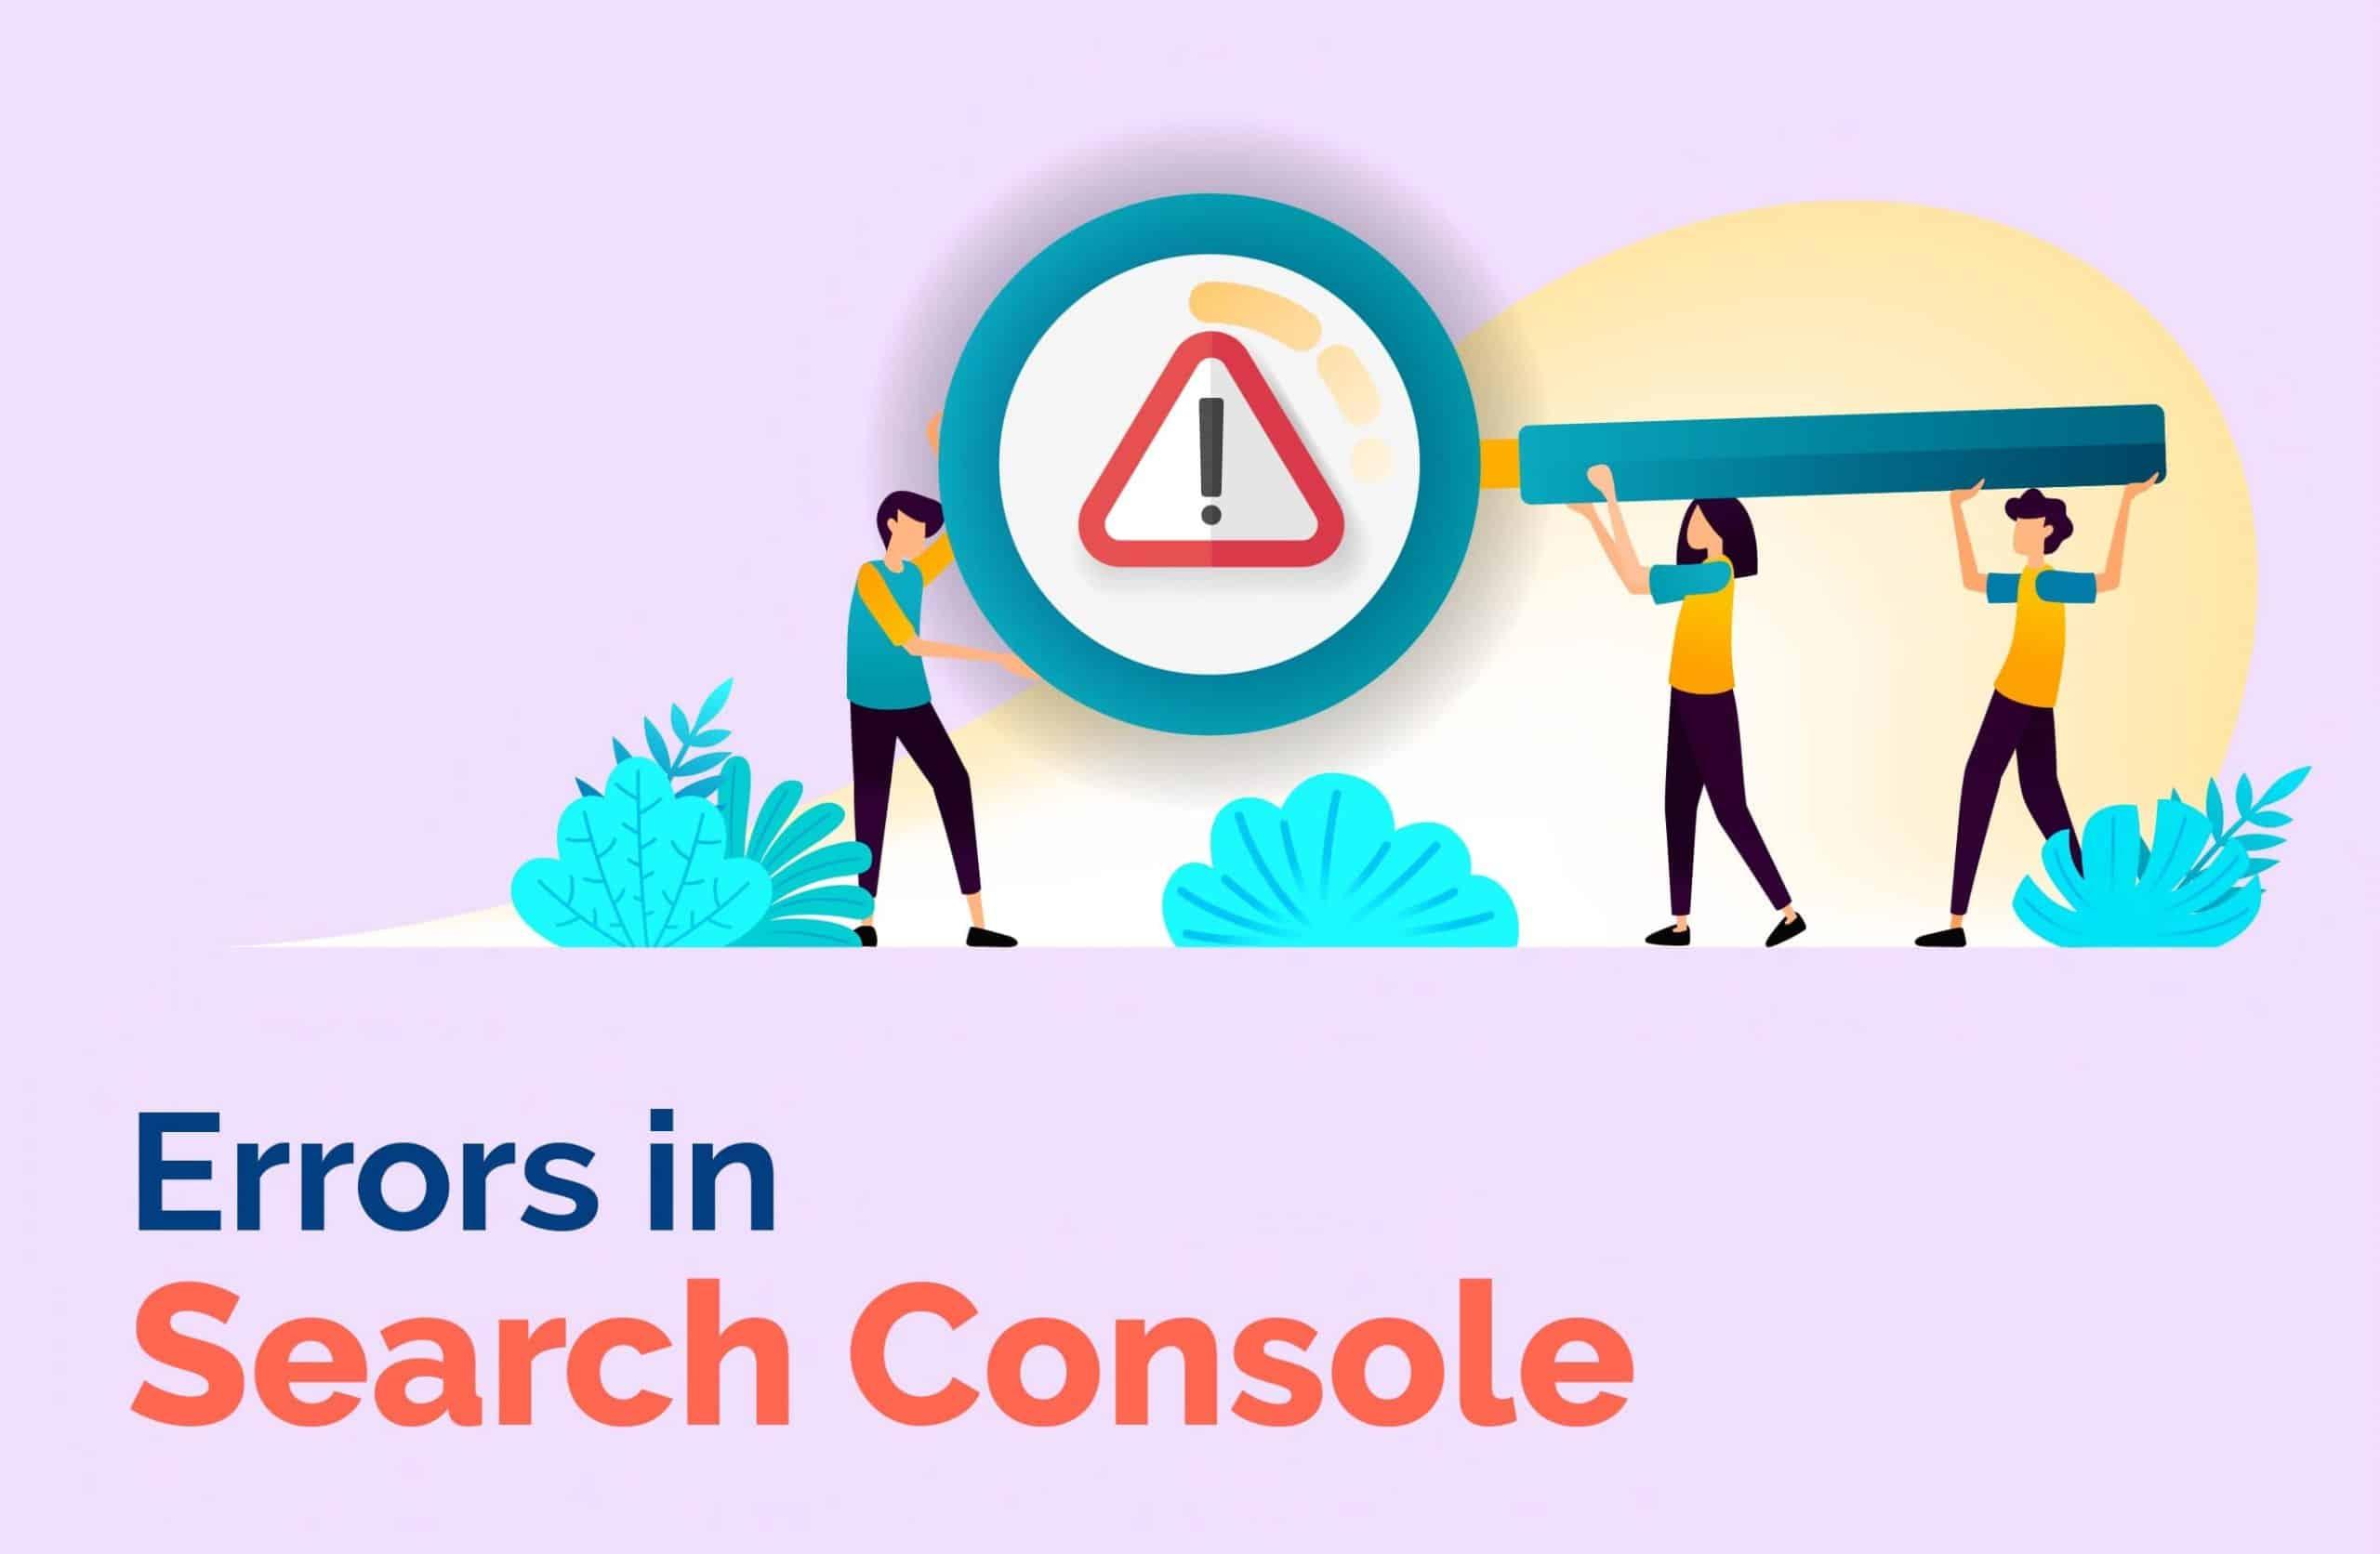 Errors in Search Console